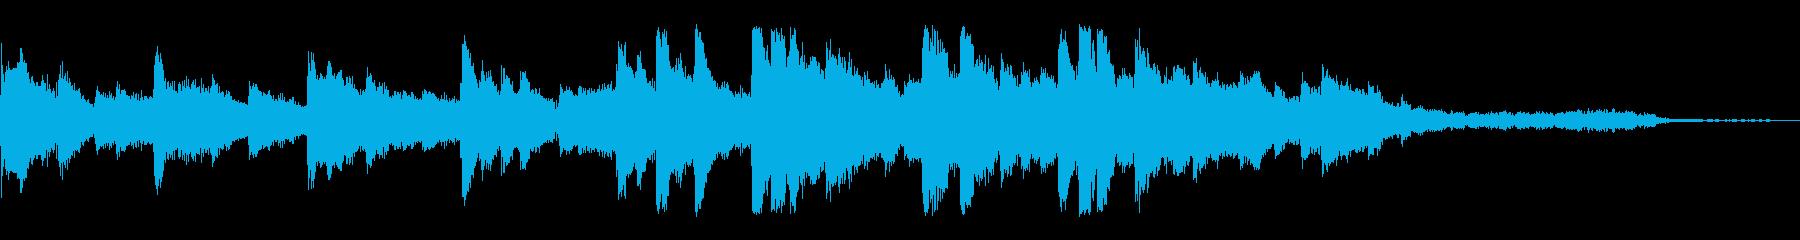 マリンバとピアノ優しいコーポレート30秒の再生済みの波形